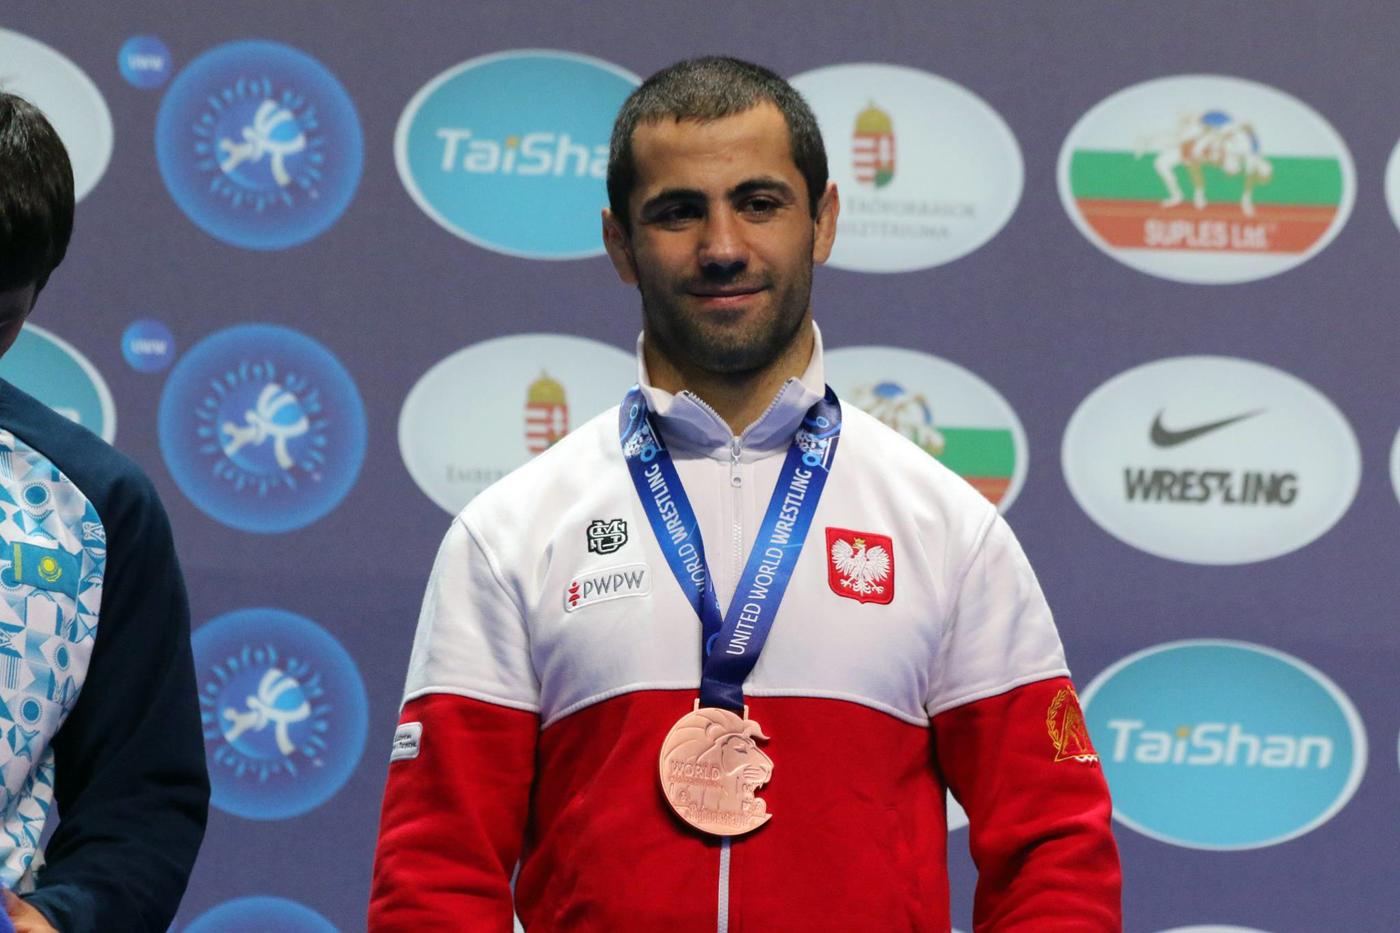 Gevorg Sahakyan brązowym medalistą Mistrzostw Świata wzapasach, Katarzyna Krawczyk na 5miejscu